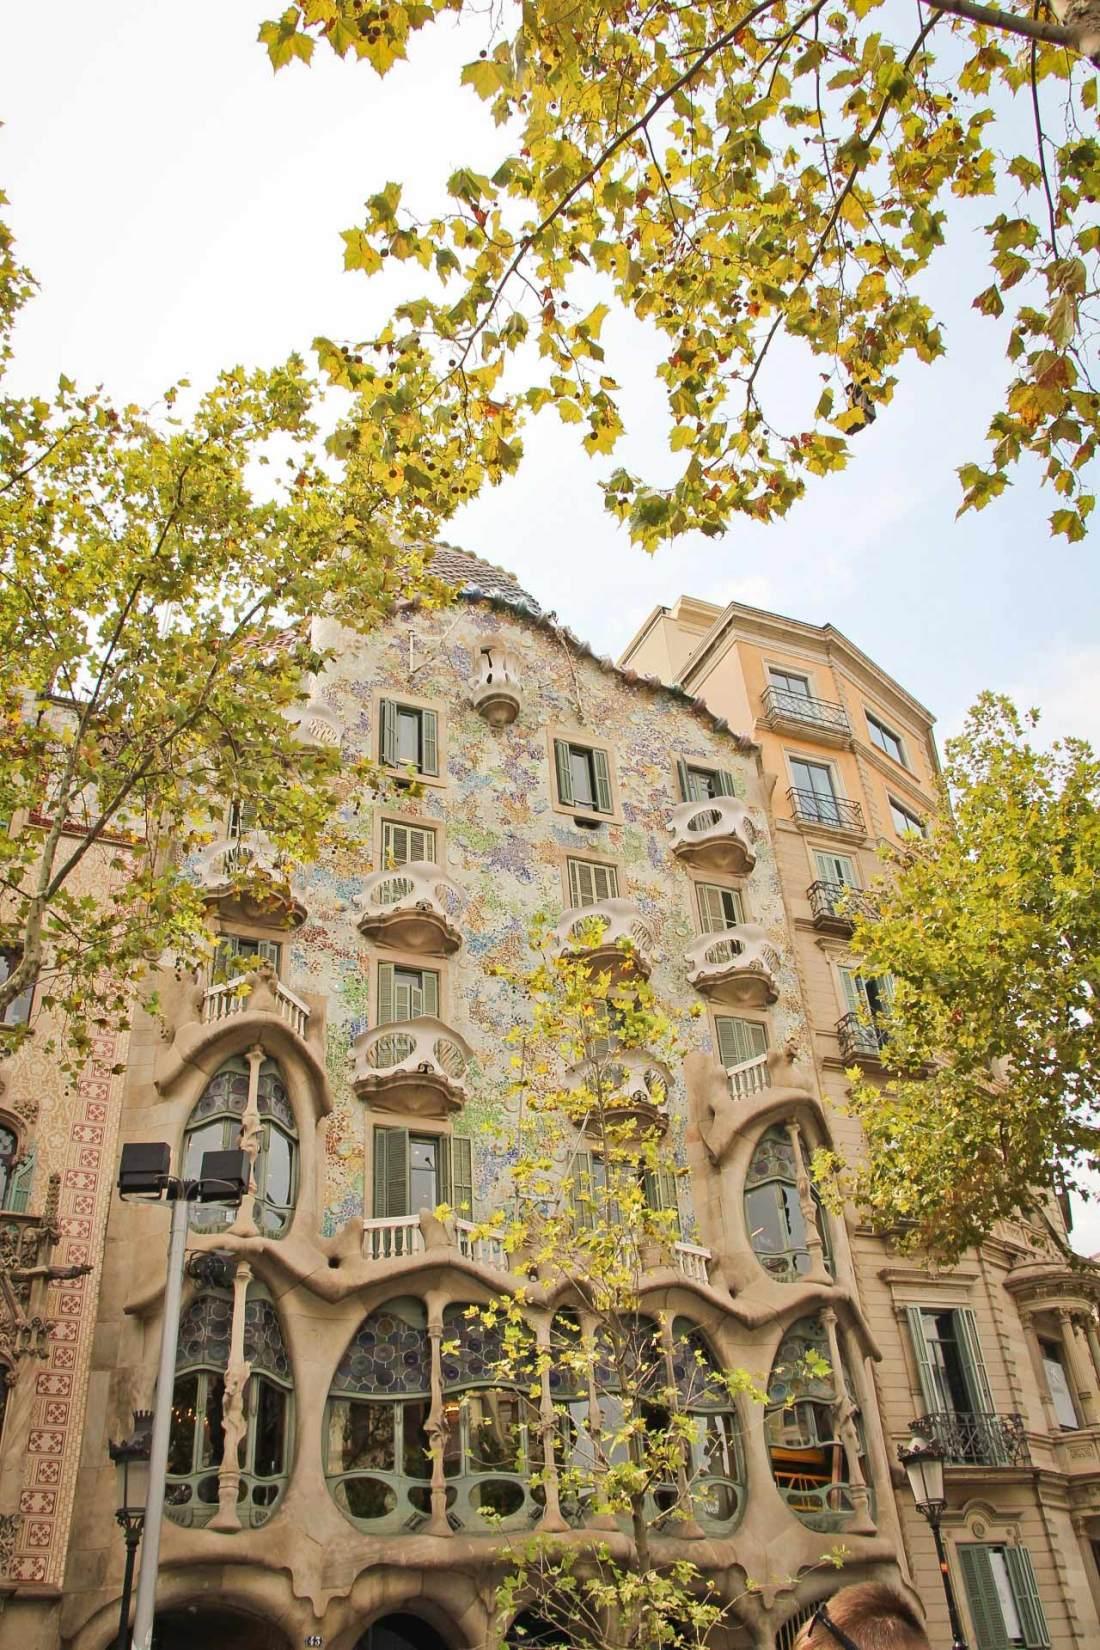 barcelona-casa-batlo-blog-coamotta